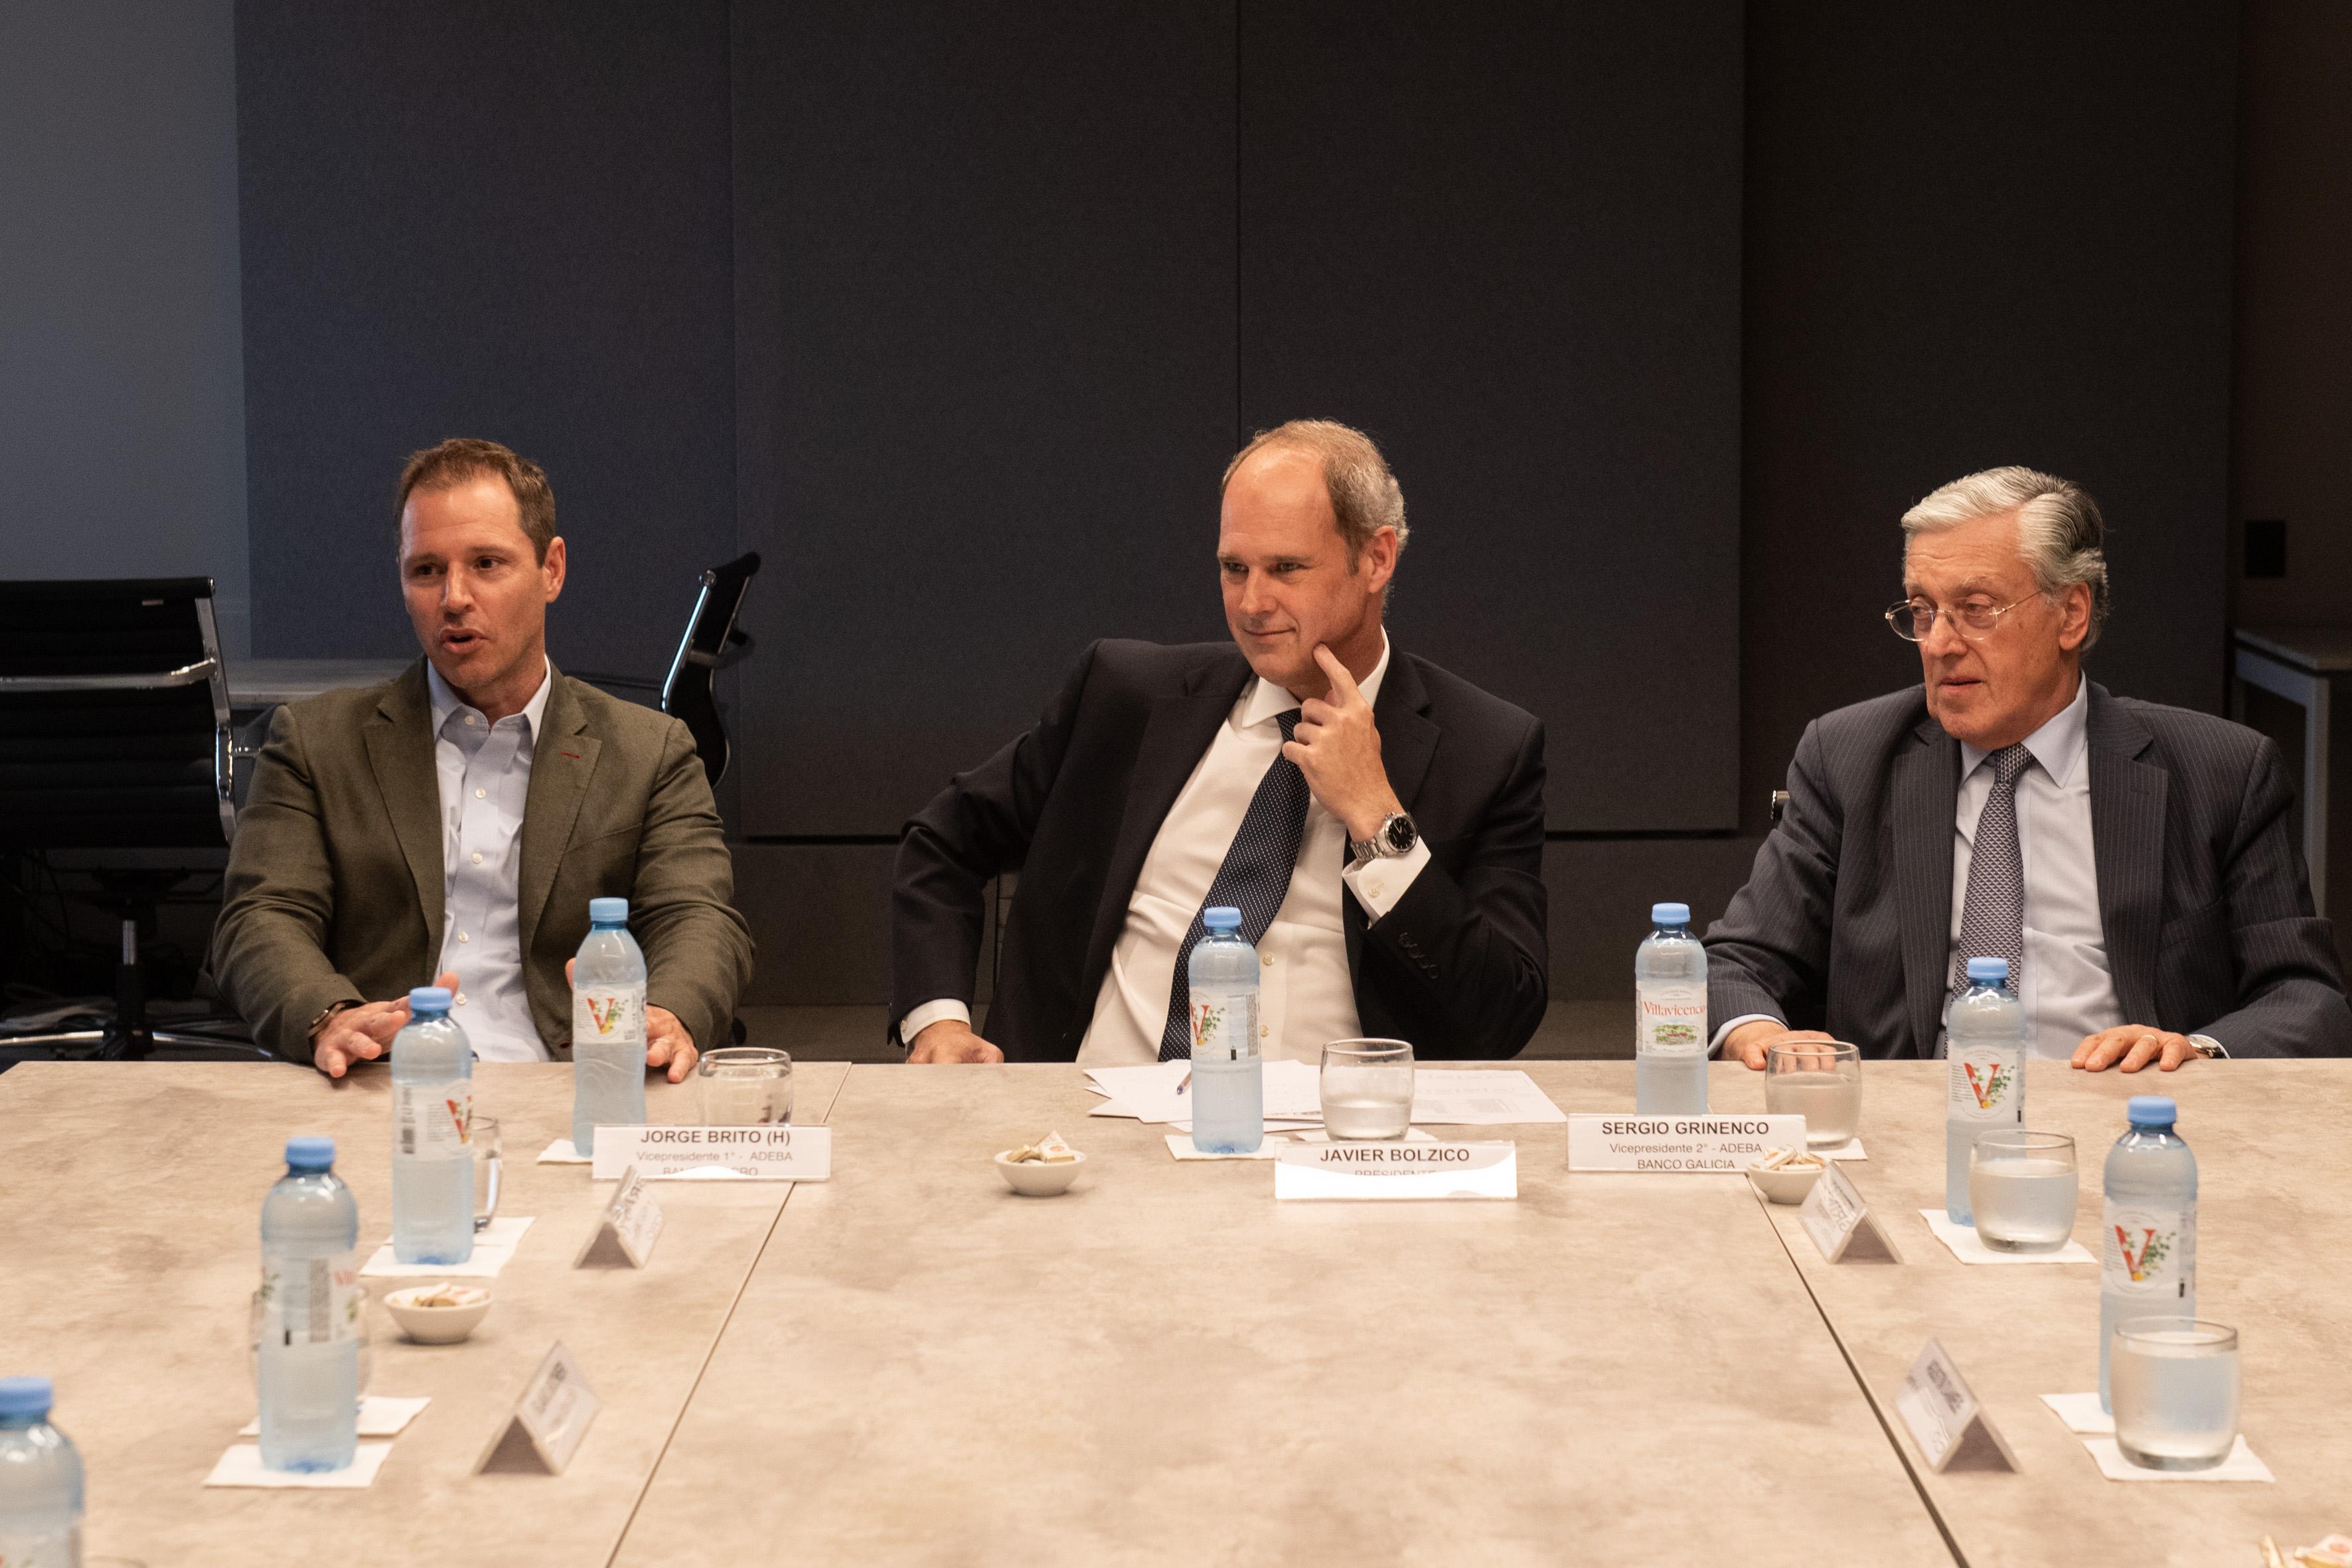 Jorge Brito (h), vicepresidente 1ero de ADEBA; Javier Bolzico, presidente de ADEBA y Sergio Grinenco, vicepresidente 2do de ADEBA